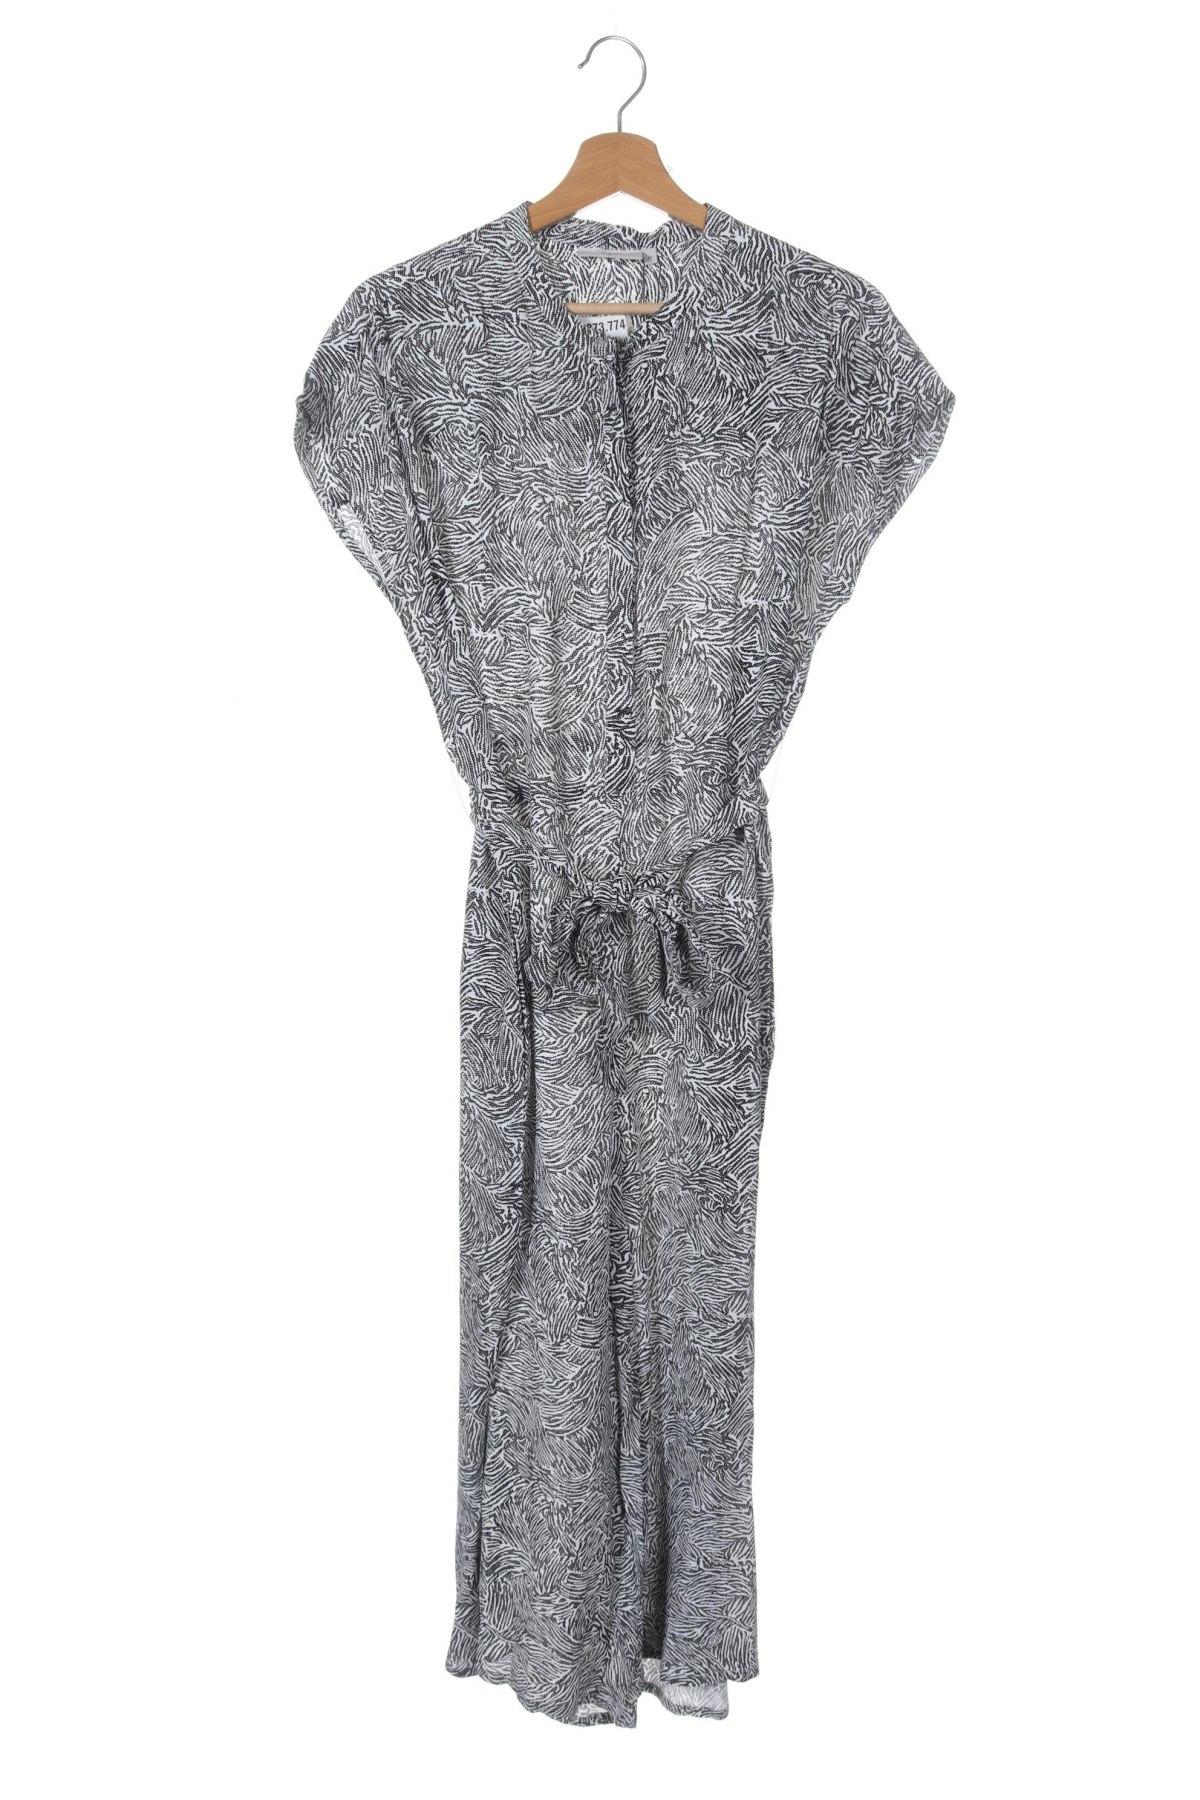 Γυναικεία σαλοπέτα Minimum, Μέγεθος XS, Χρώμα Μαύρο, Βισκόζη, Τιμή 34,56€